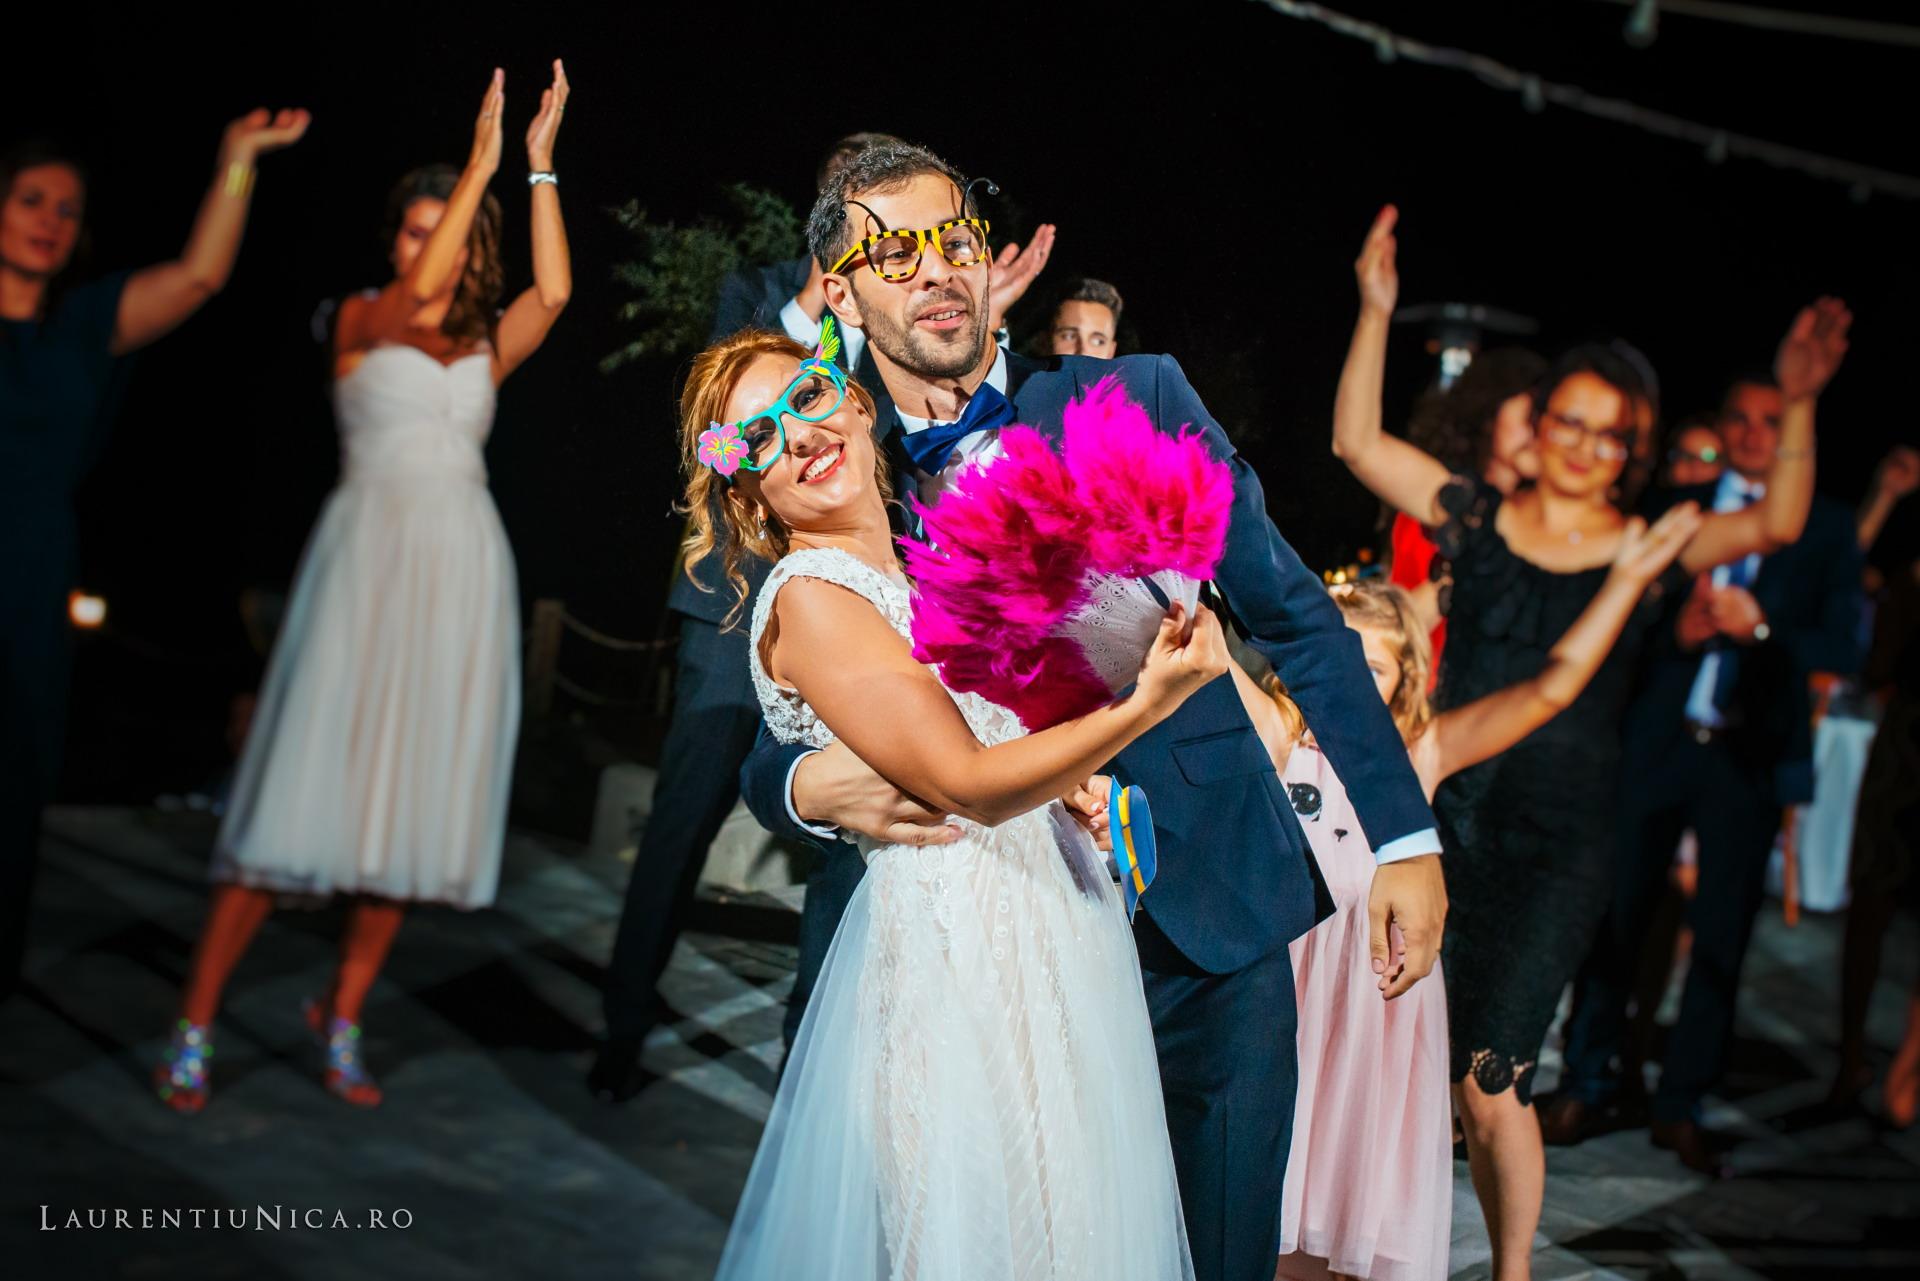 carolina si sorin craiova fotograf nunta laurentiu nica76 - Carolina & Sorin | Fotografii nunta